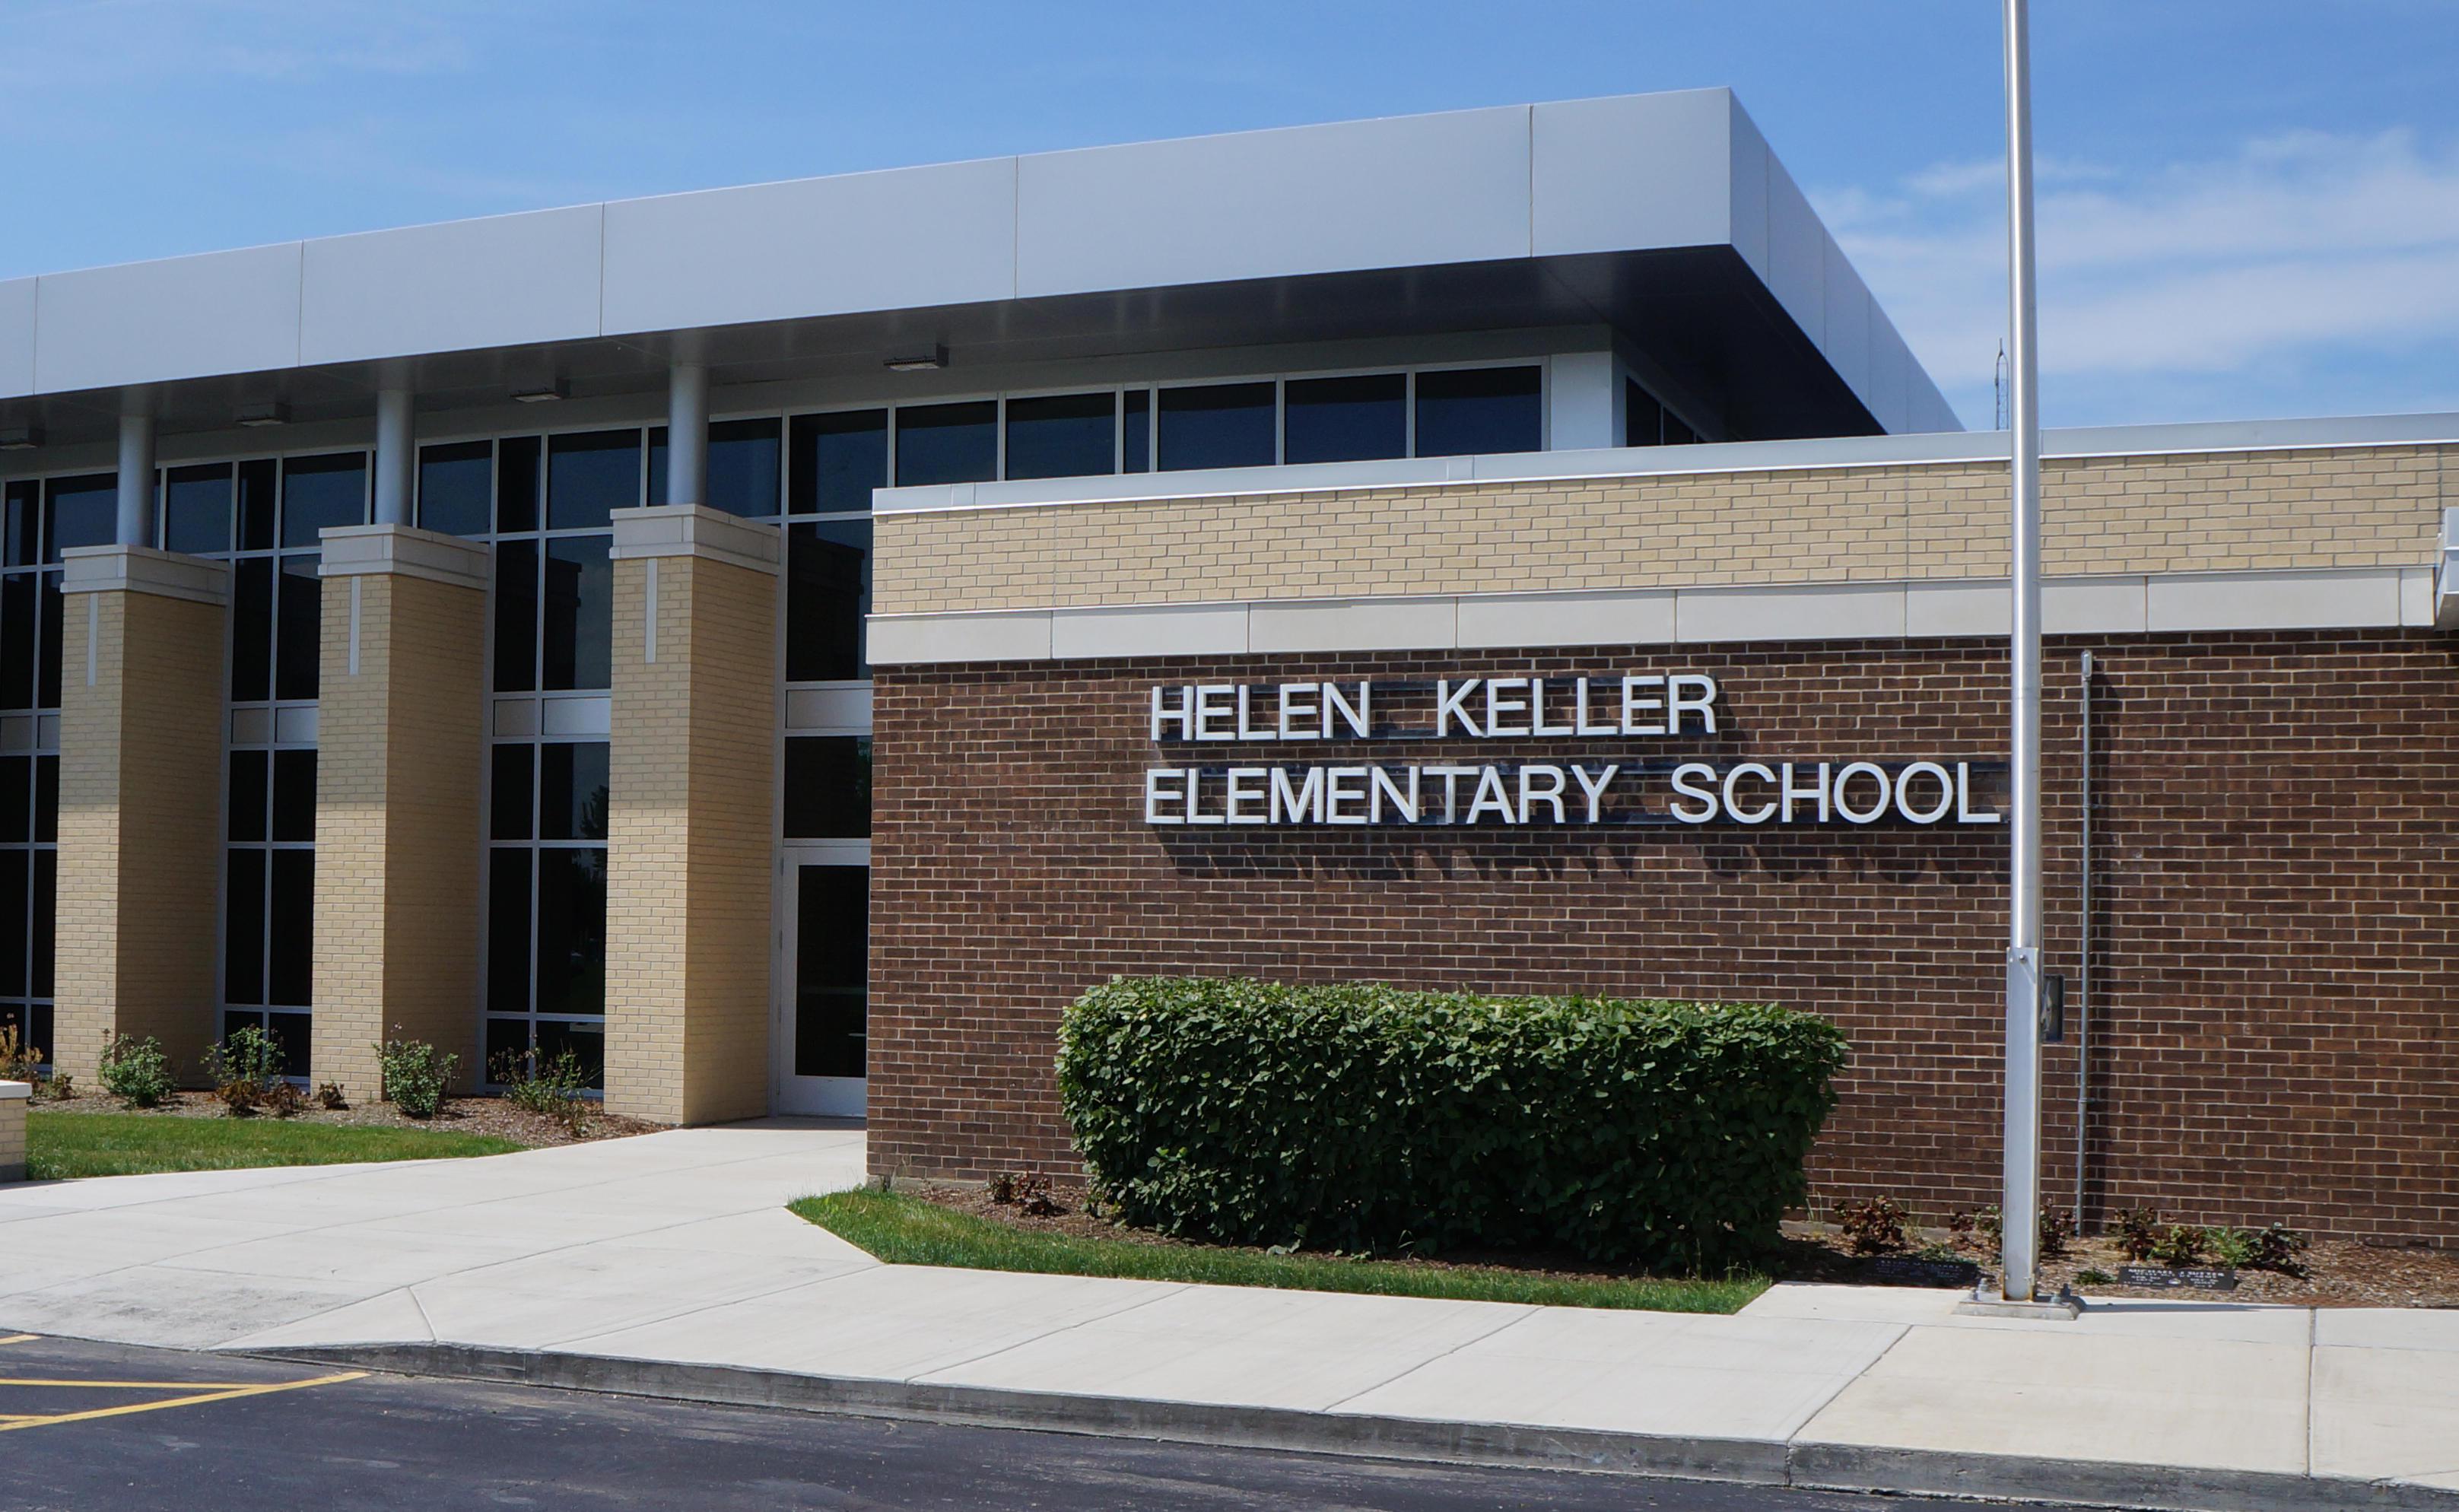 kirby school district 140 helen keller elementary school helen